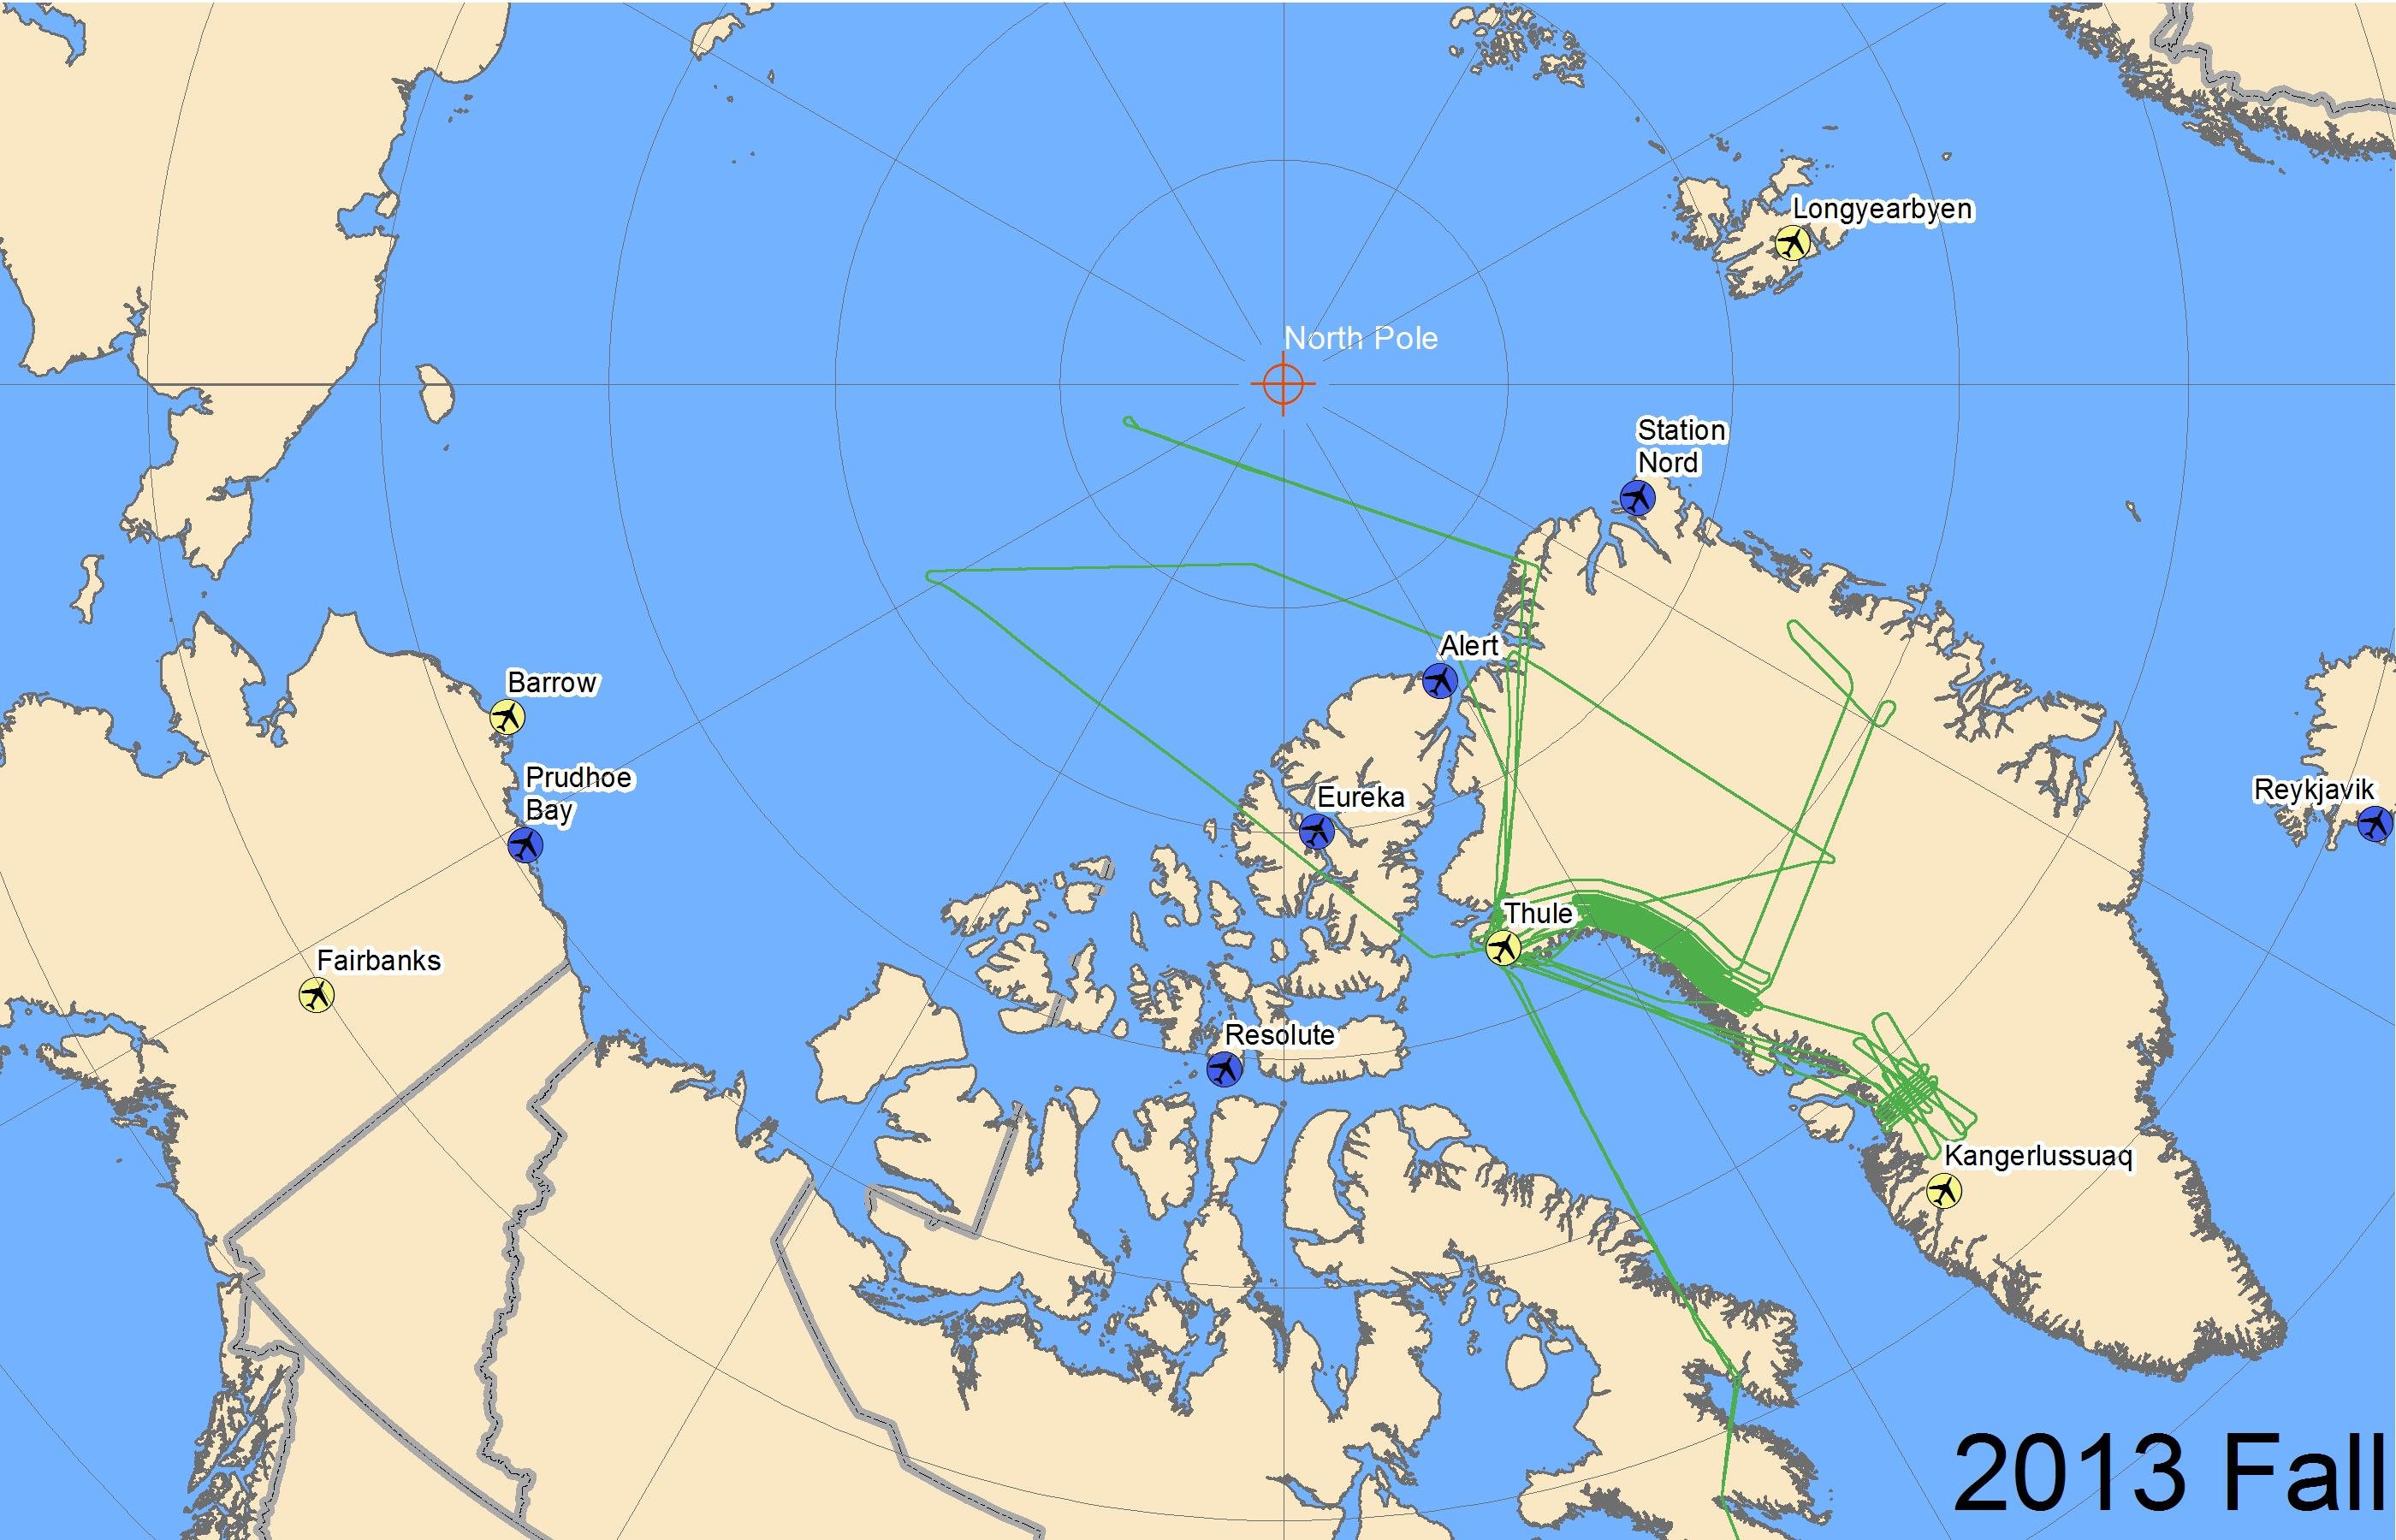 Map of LVIS / Greenland flight lines